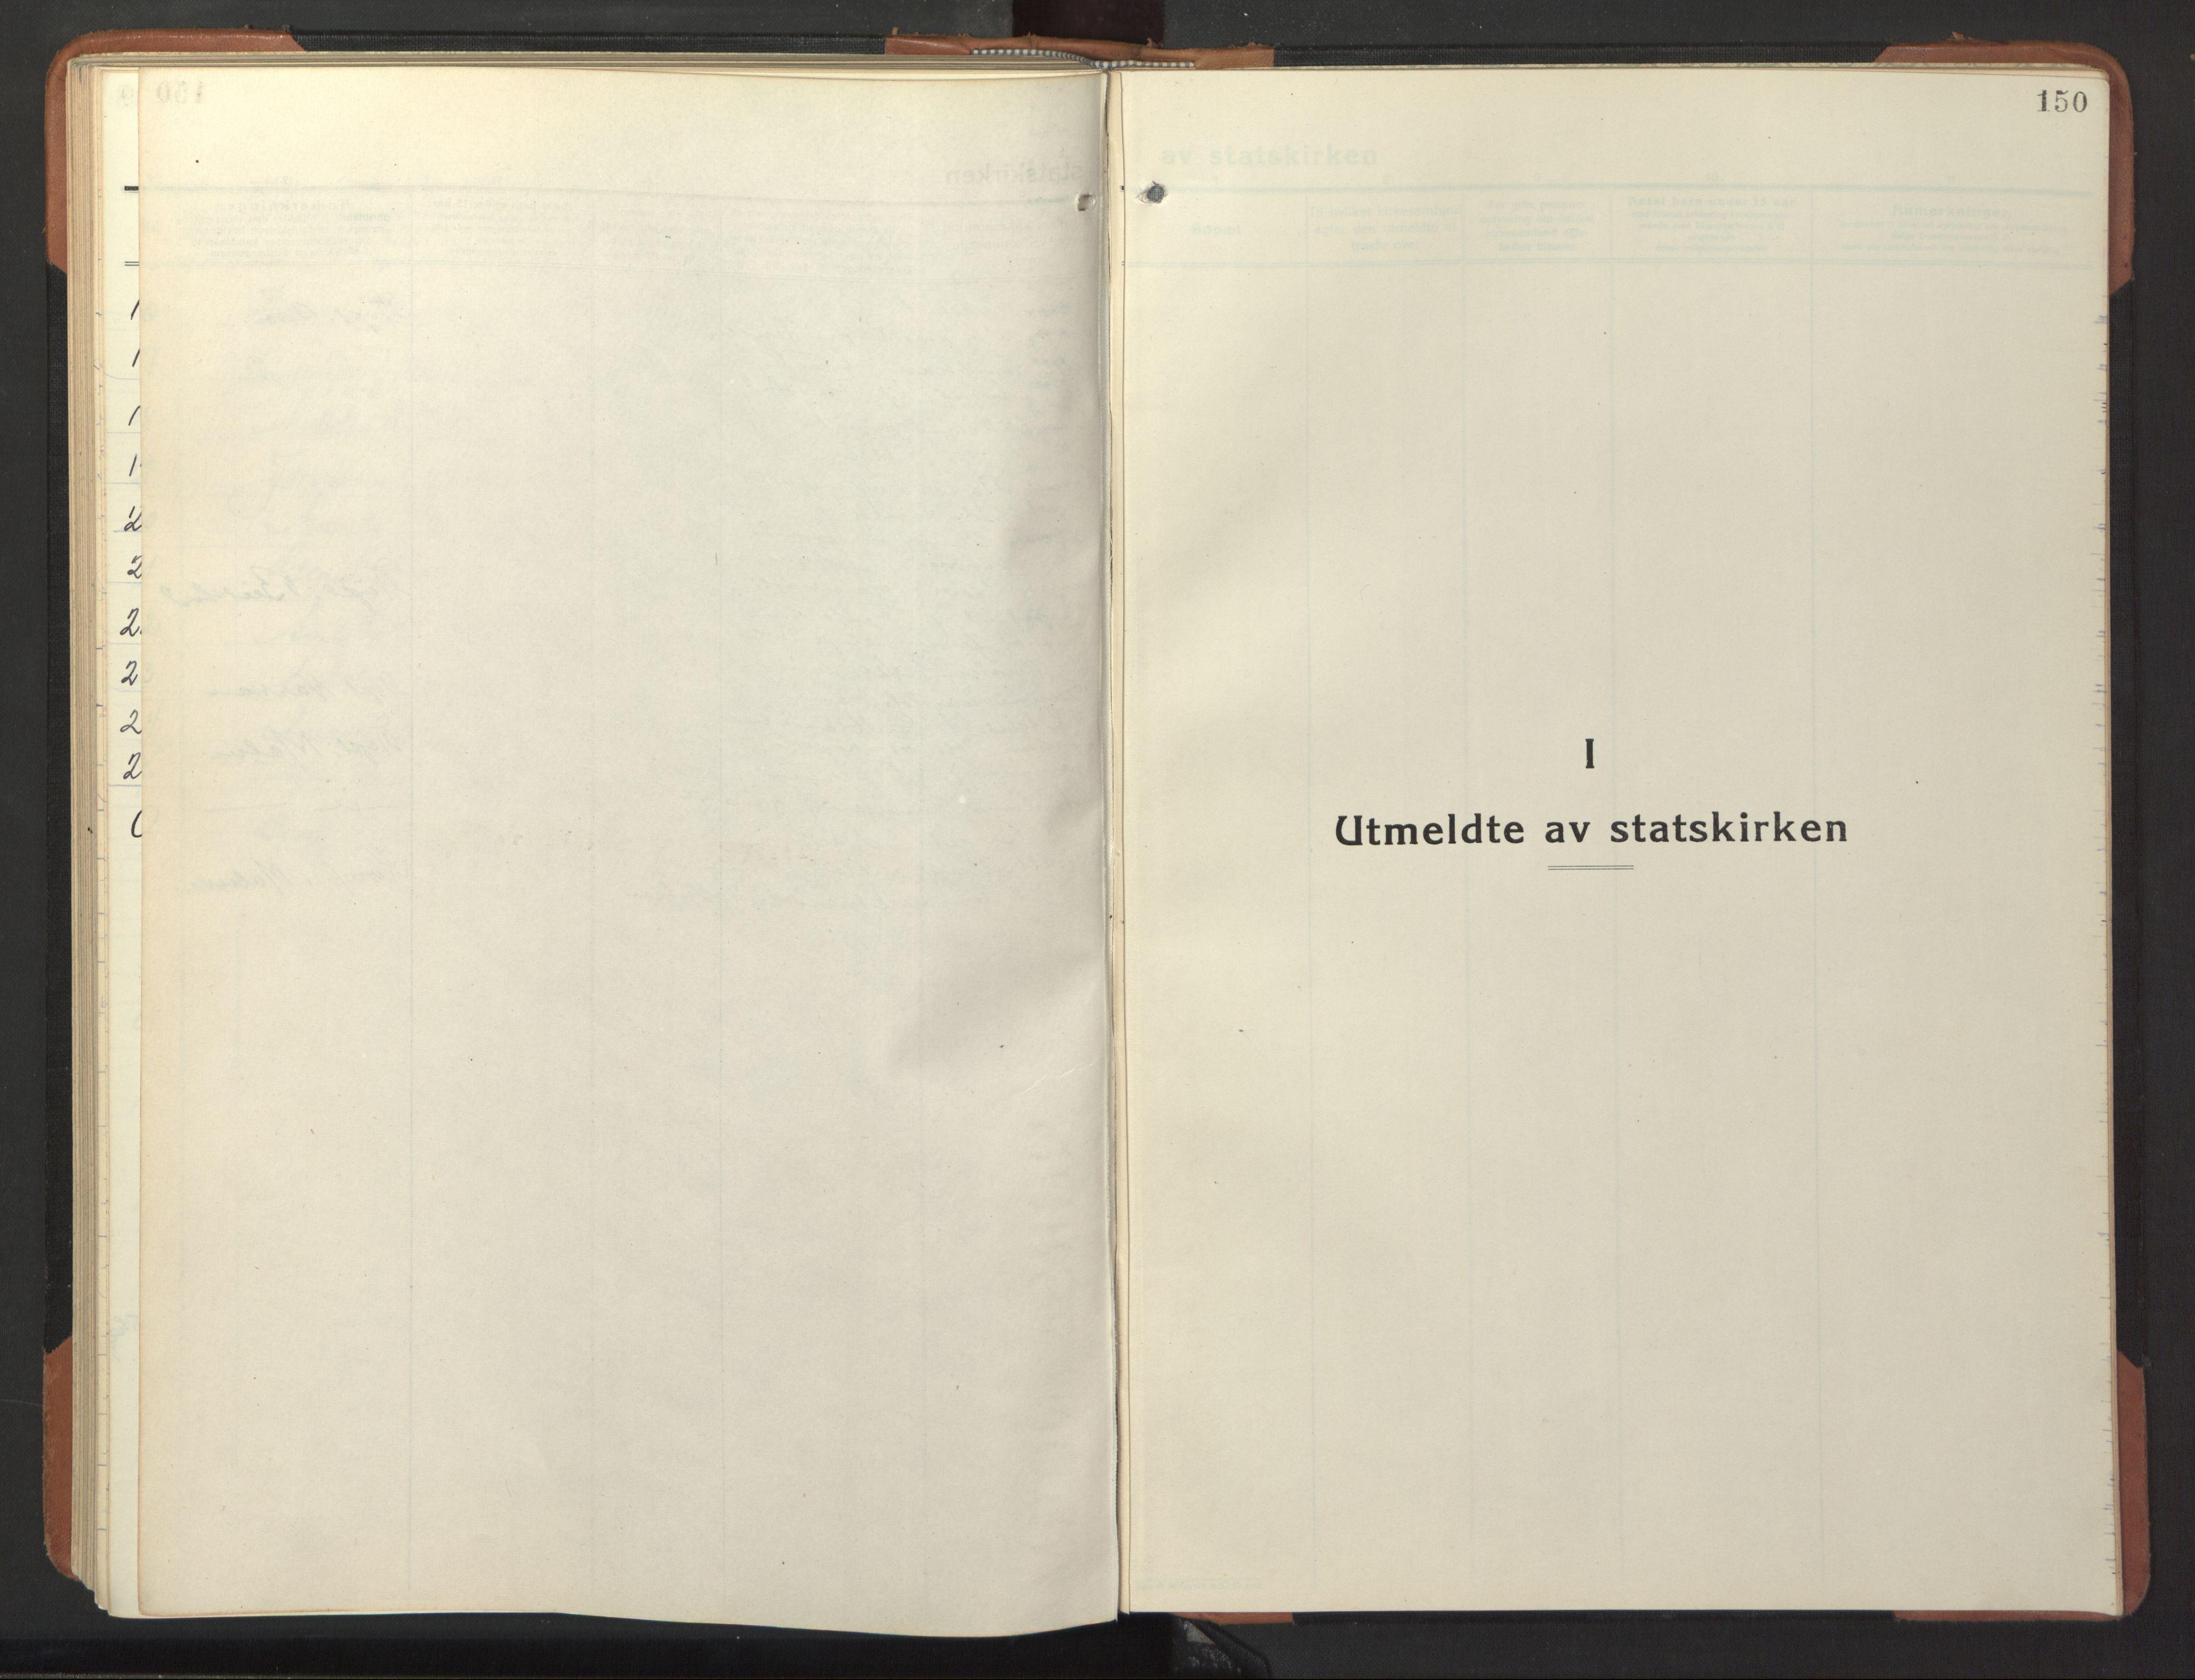 SAT, Ministerialprotokoller, klokkerbøker og fødselsregistre - Nord-Trøndelag, 744/L0425: Klokkerbok nr. 744C04, 1924-1947, s. 150